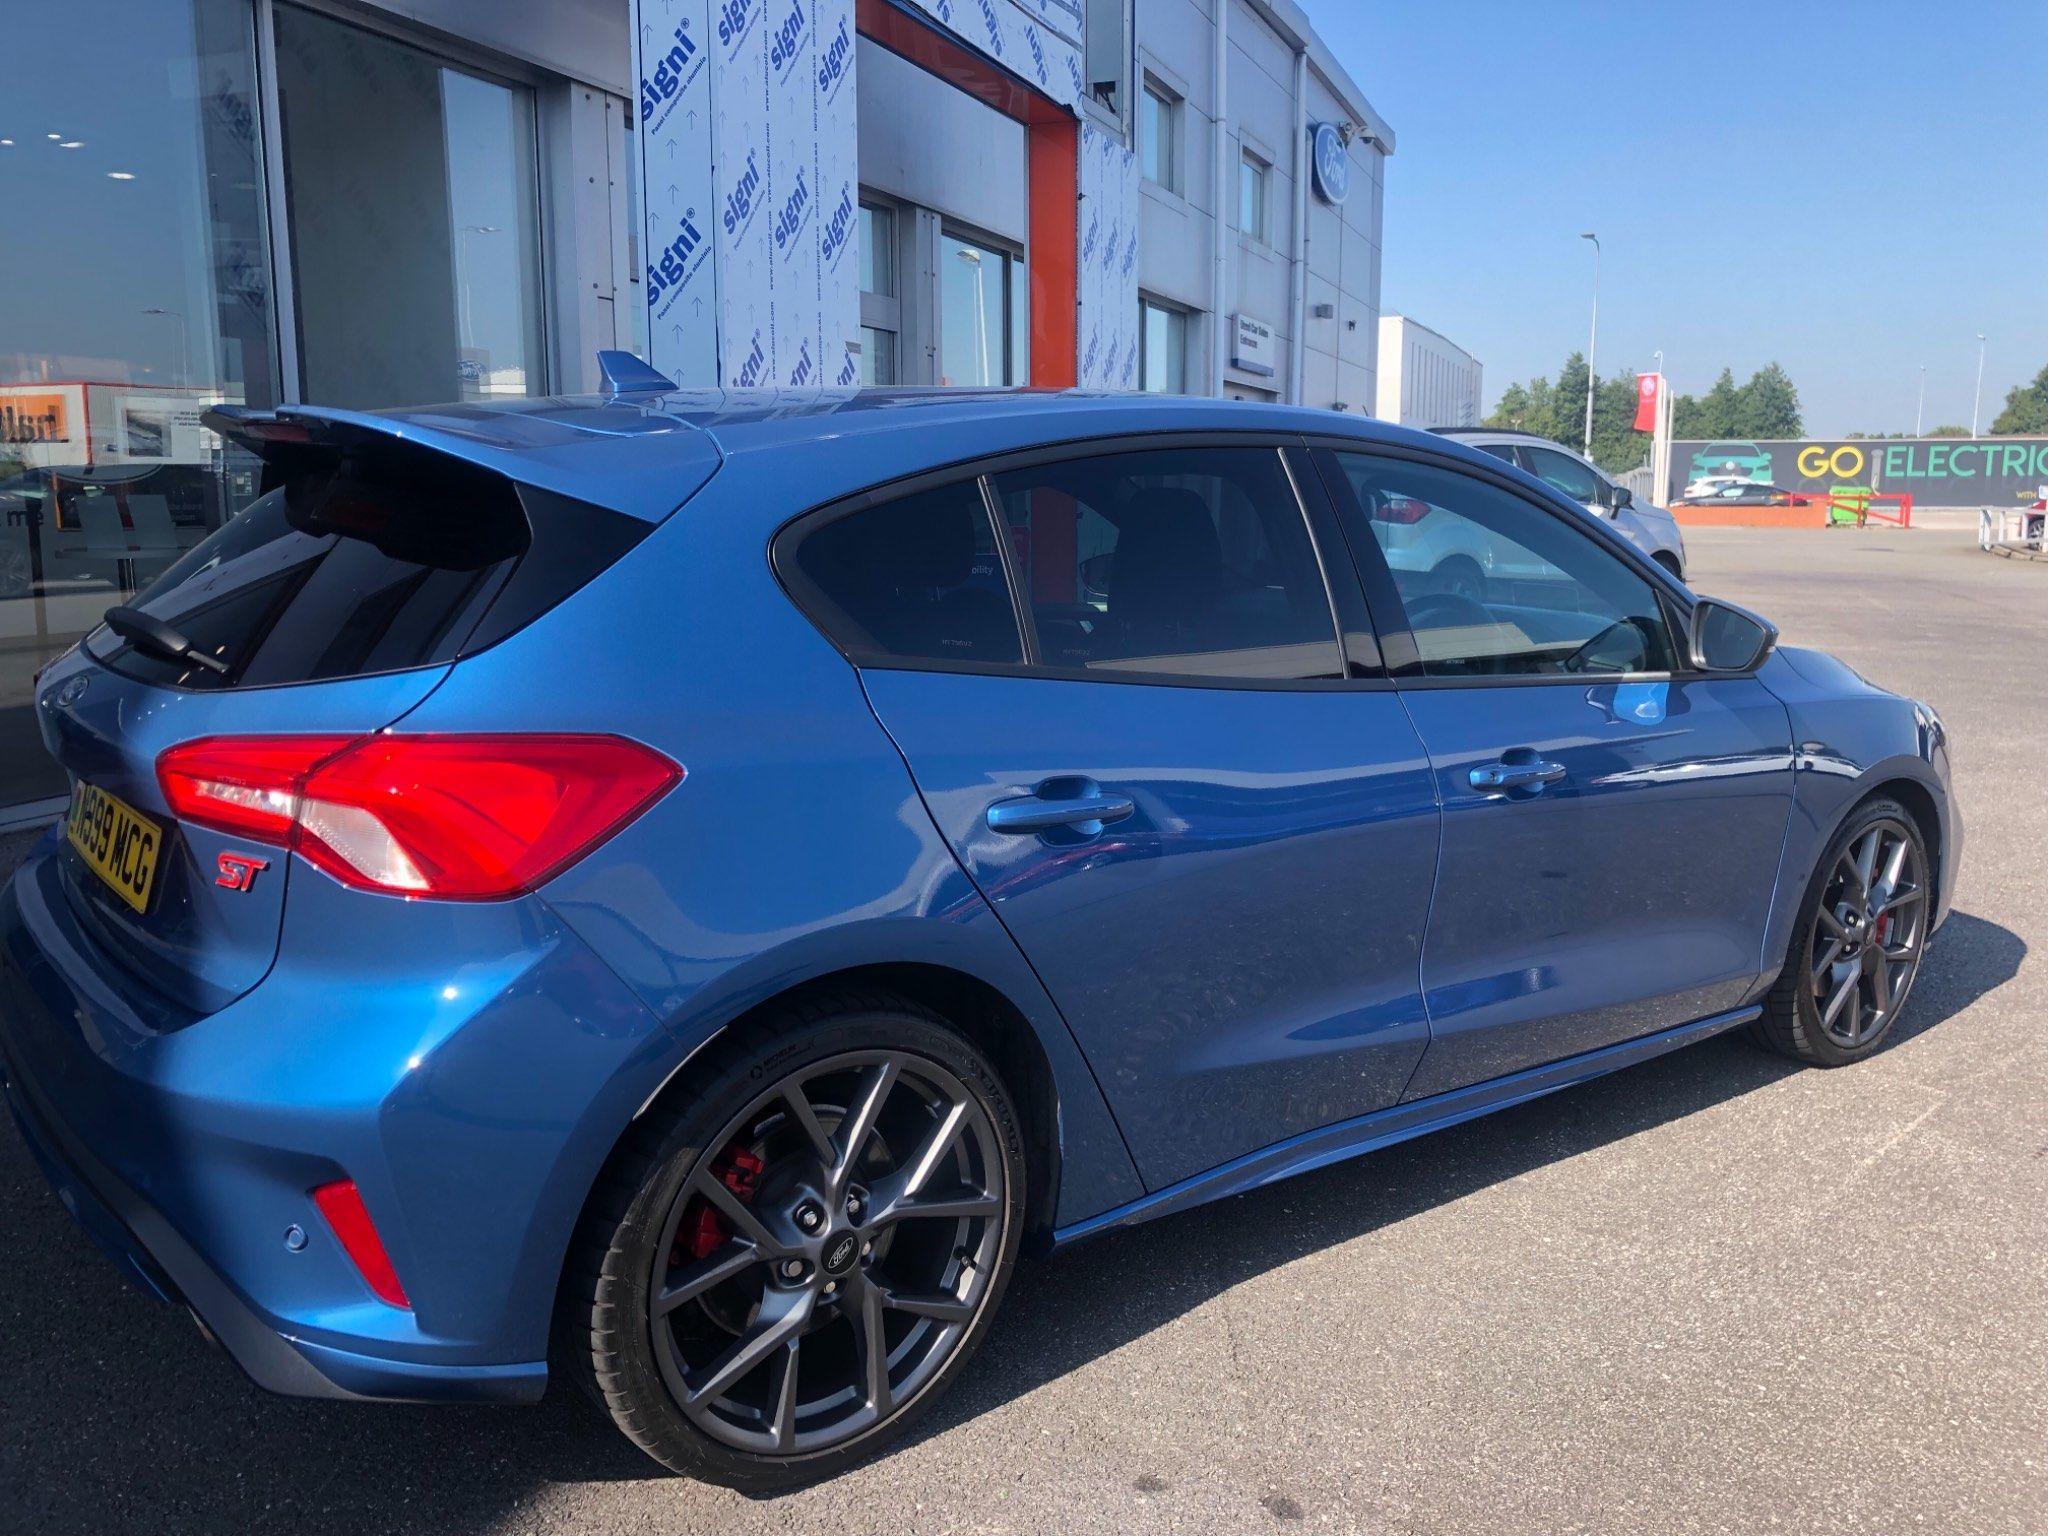 2019 Ford Focus EcoBoost ST full